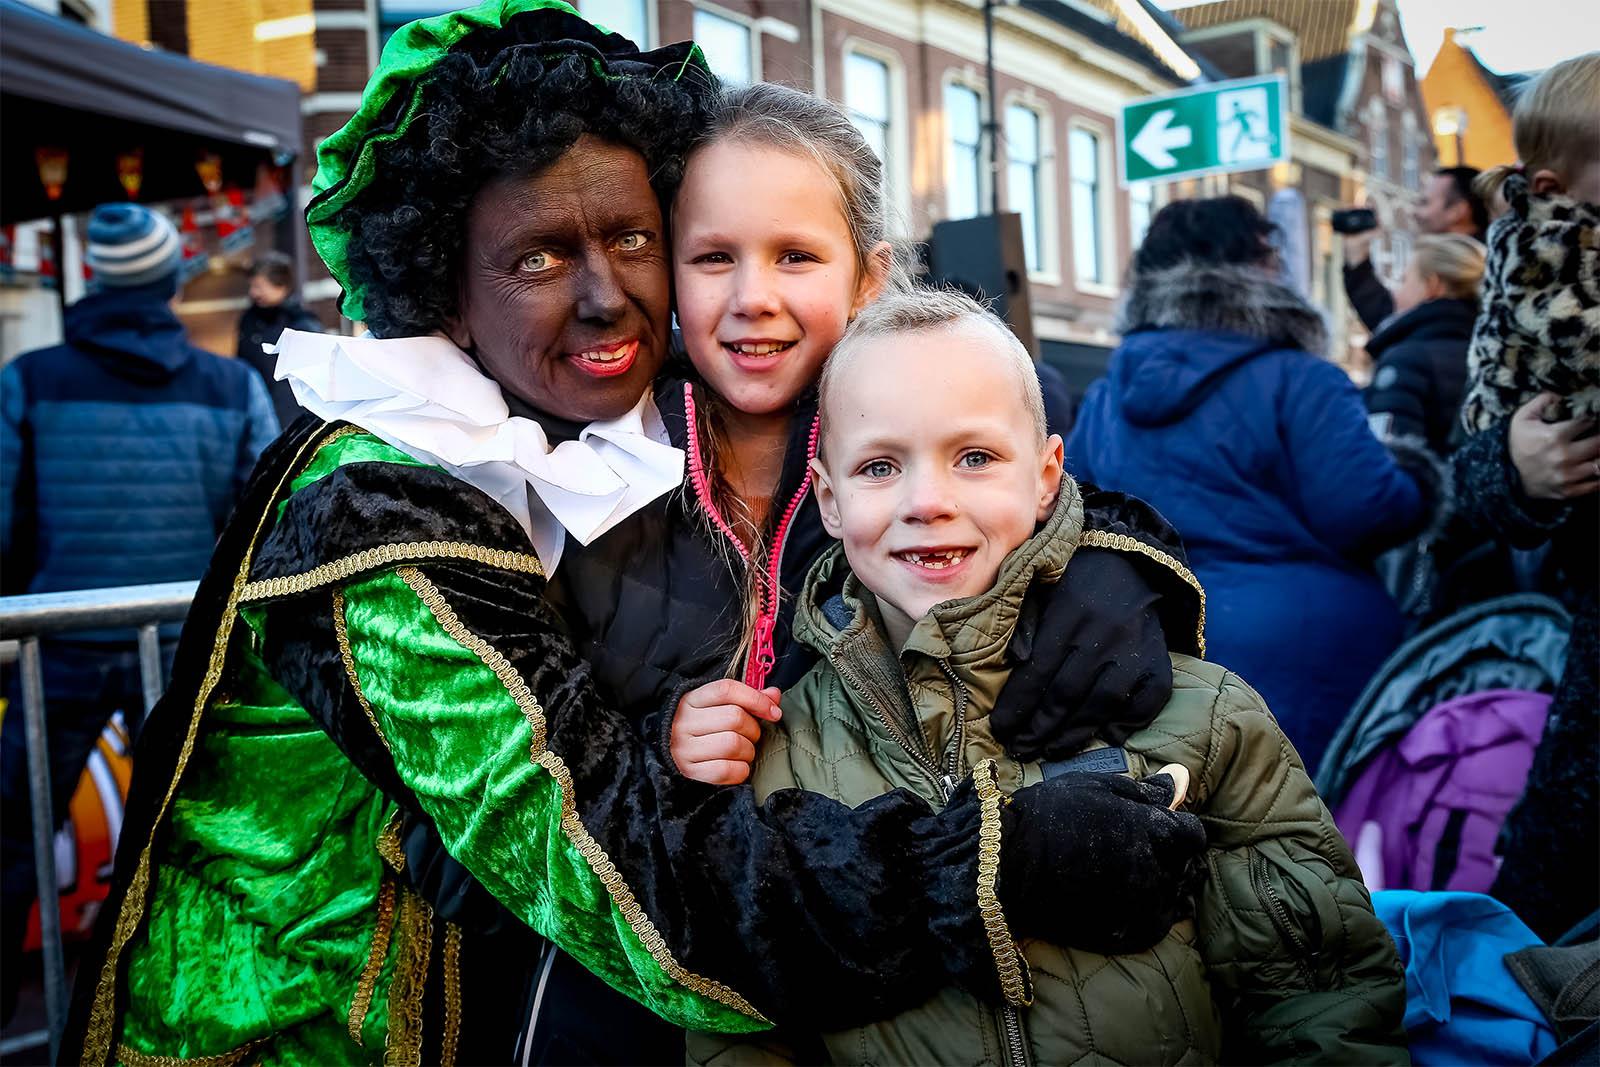 culemborg intocht sinterklaas 2018_0018_©John Verhagen-Sinterklaas 2018-0435.jpg